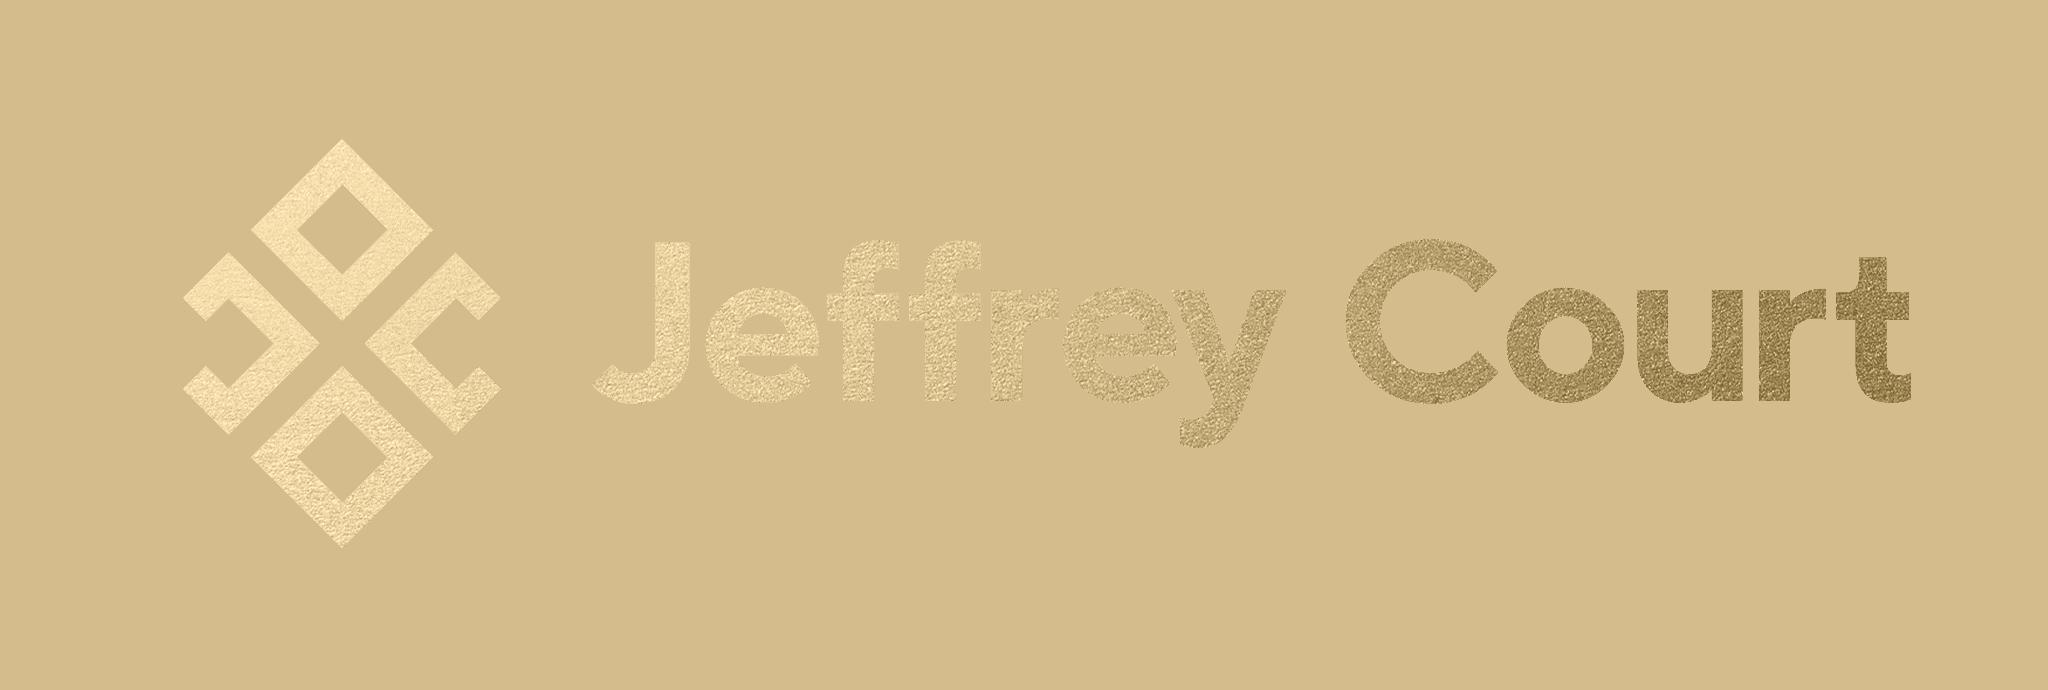 Jeffrey Court tiles are the best home decor tiles